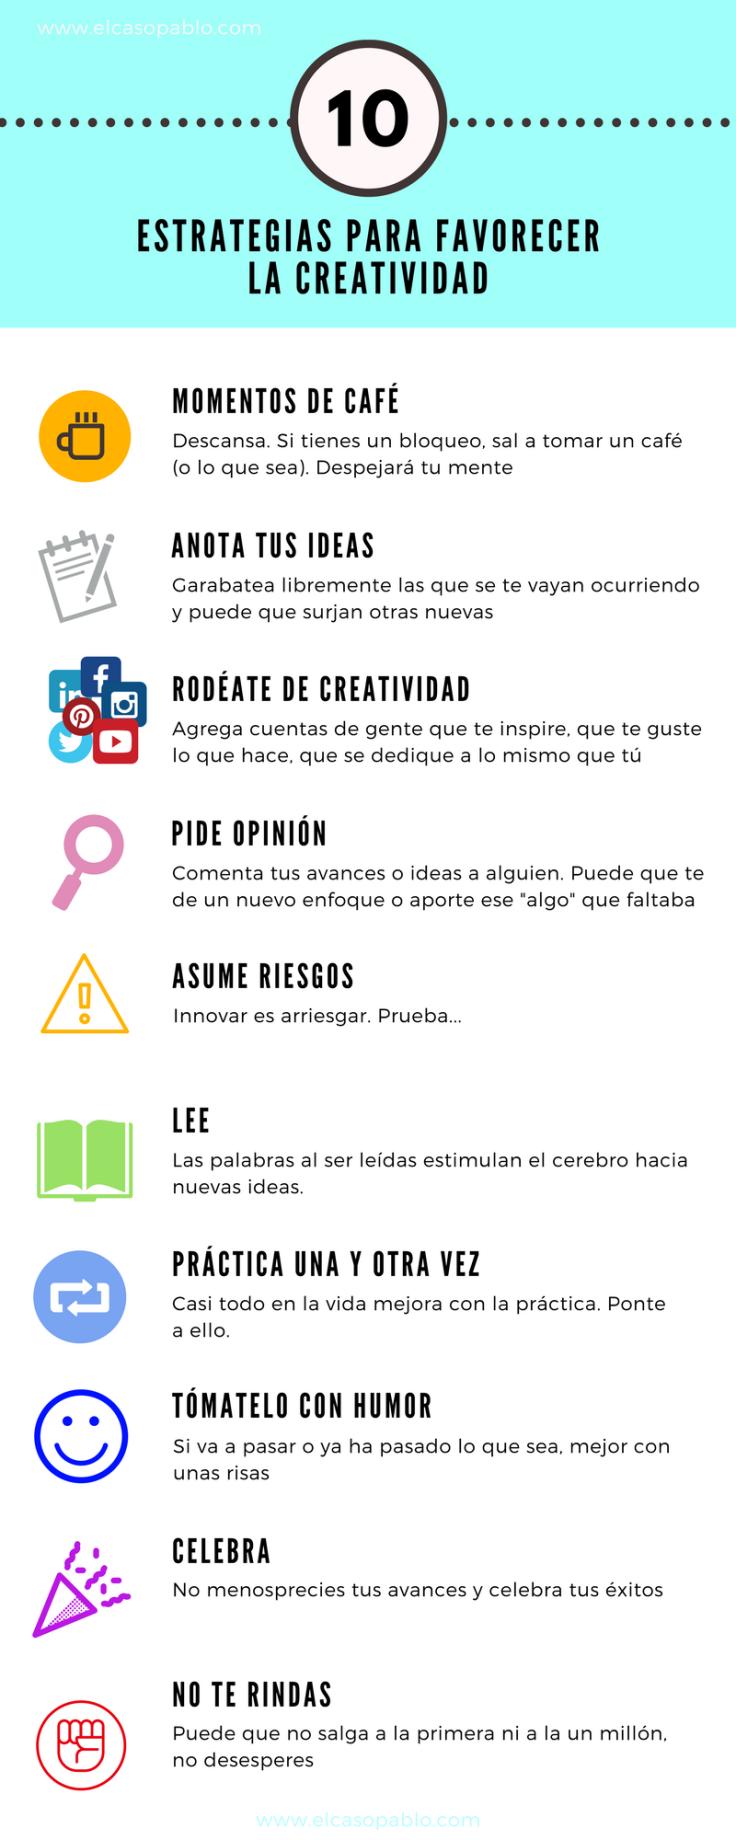 10 Estrategias para favorecer la creatividad